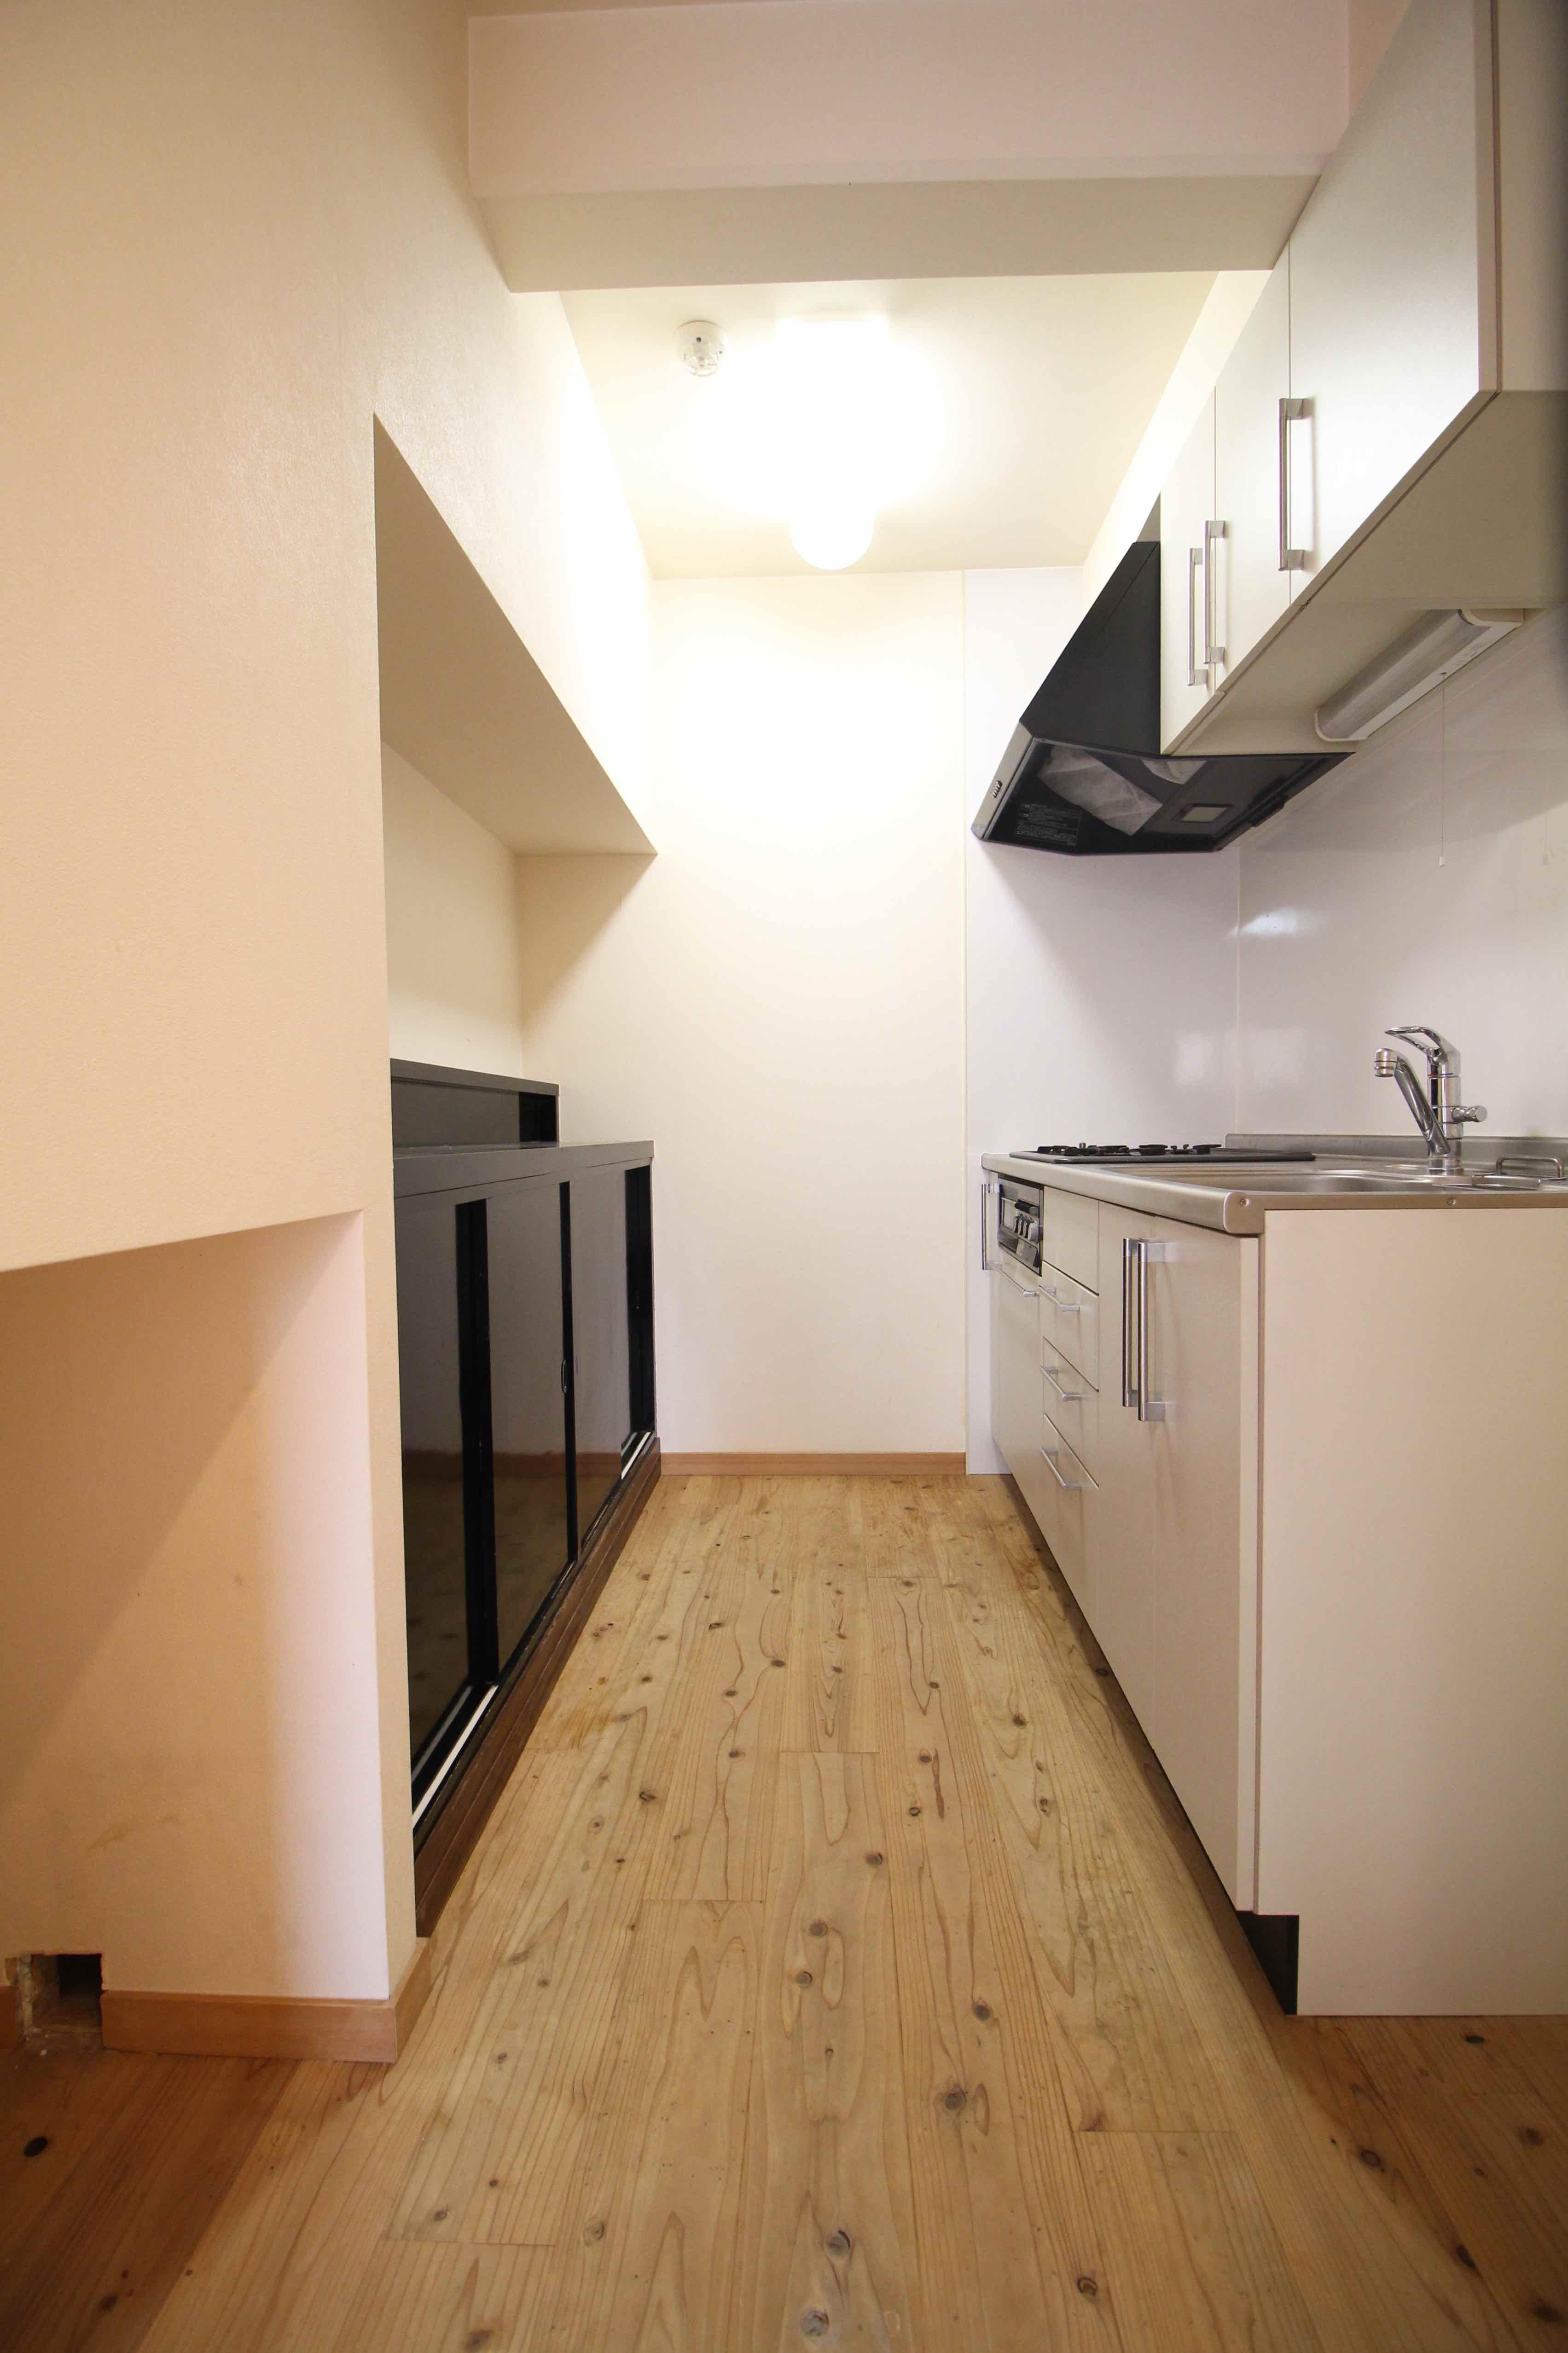 ワンルームでもキッチンはゆったり広め